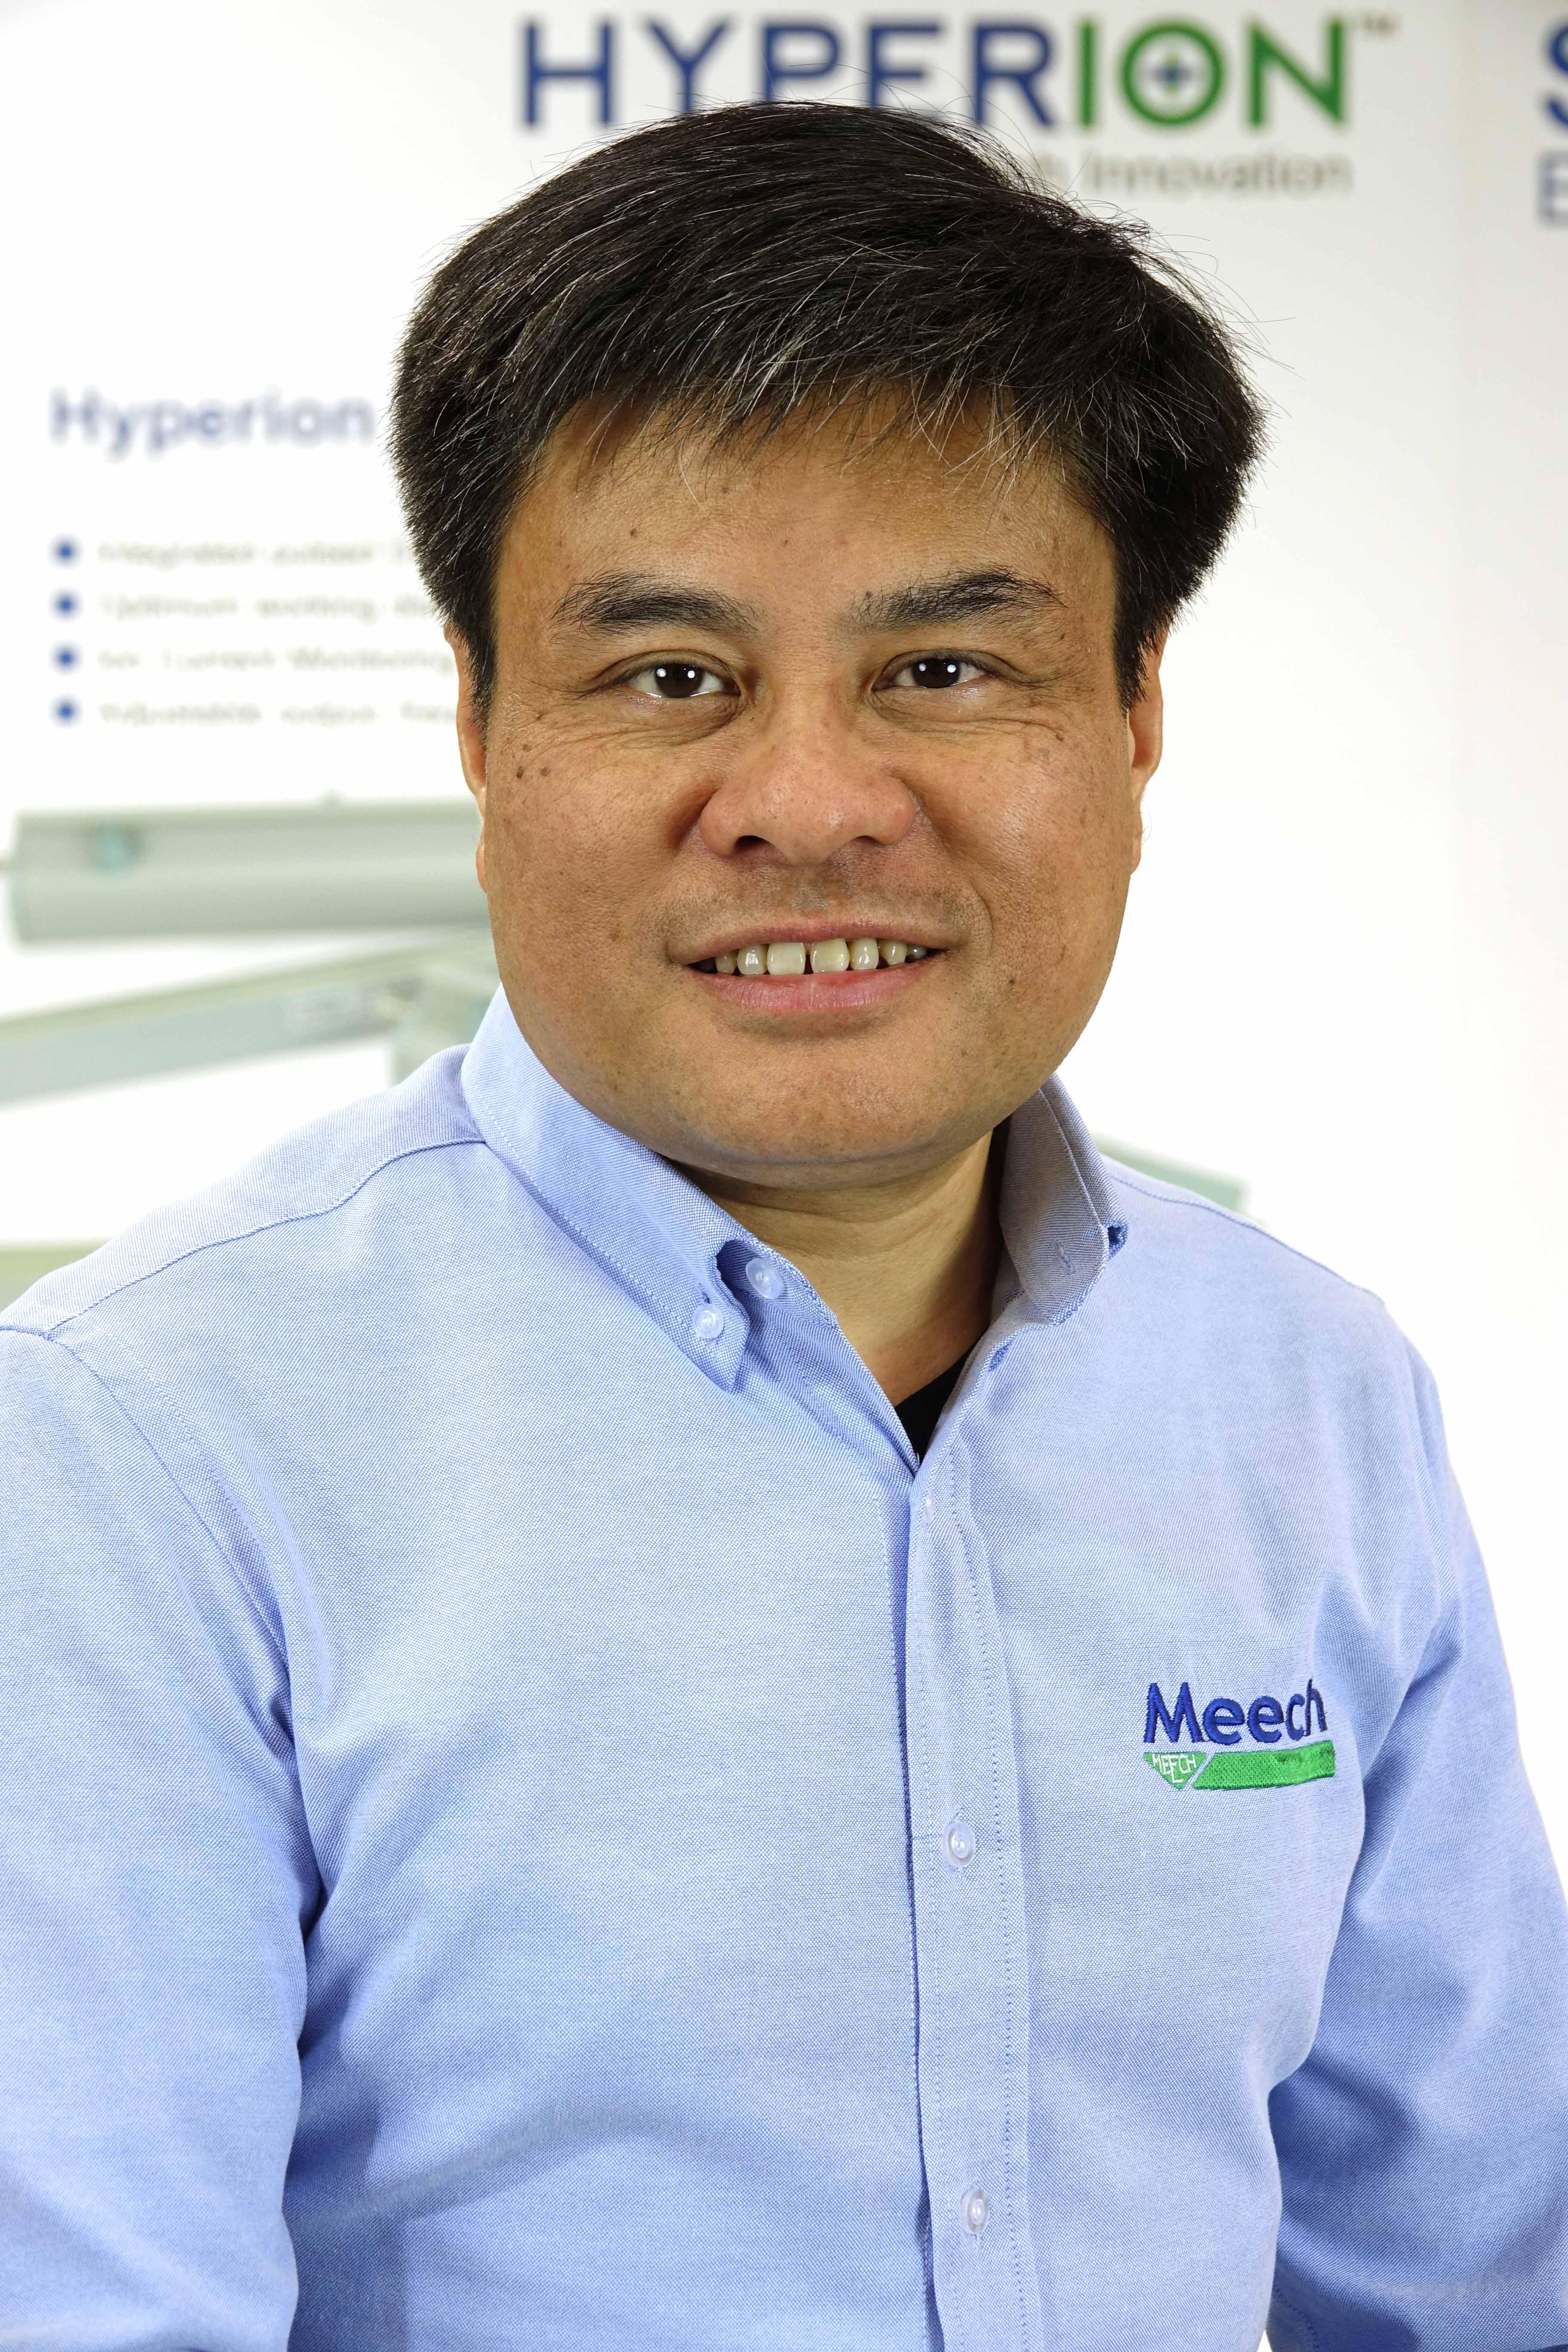 Richard Kang - Meech